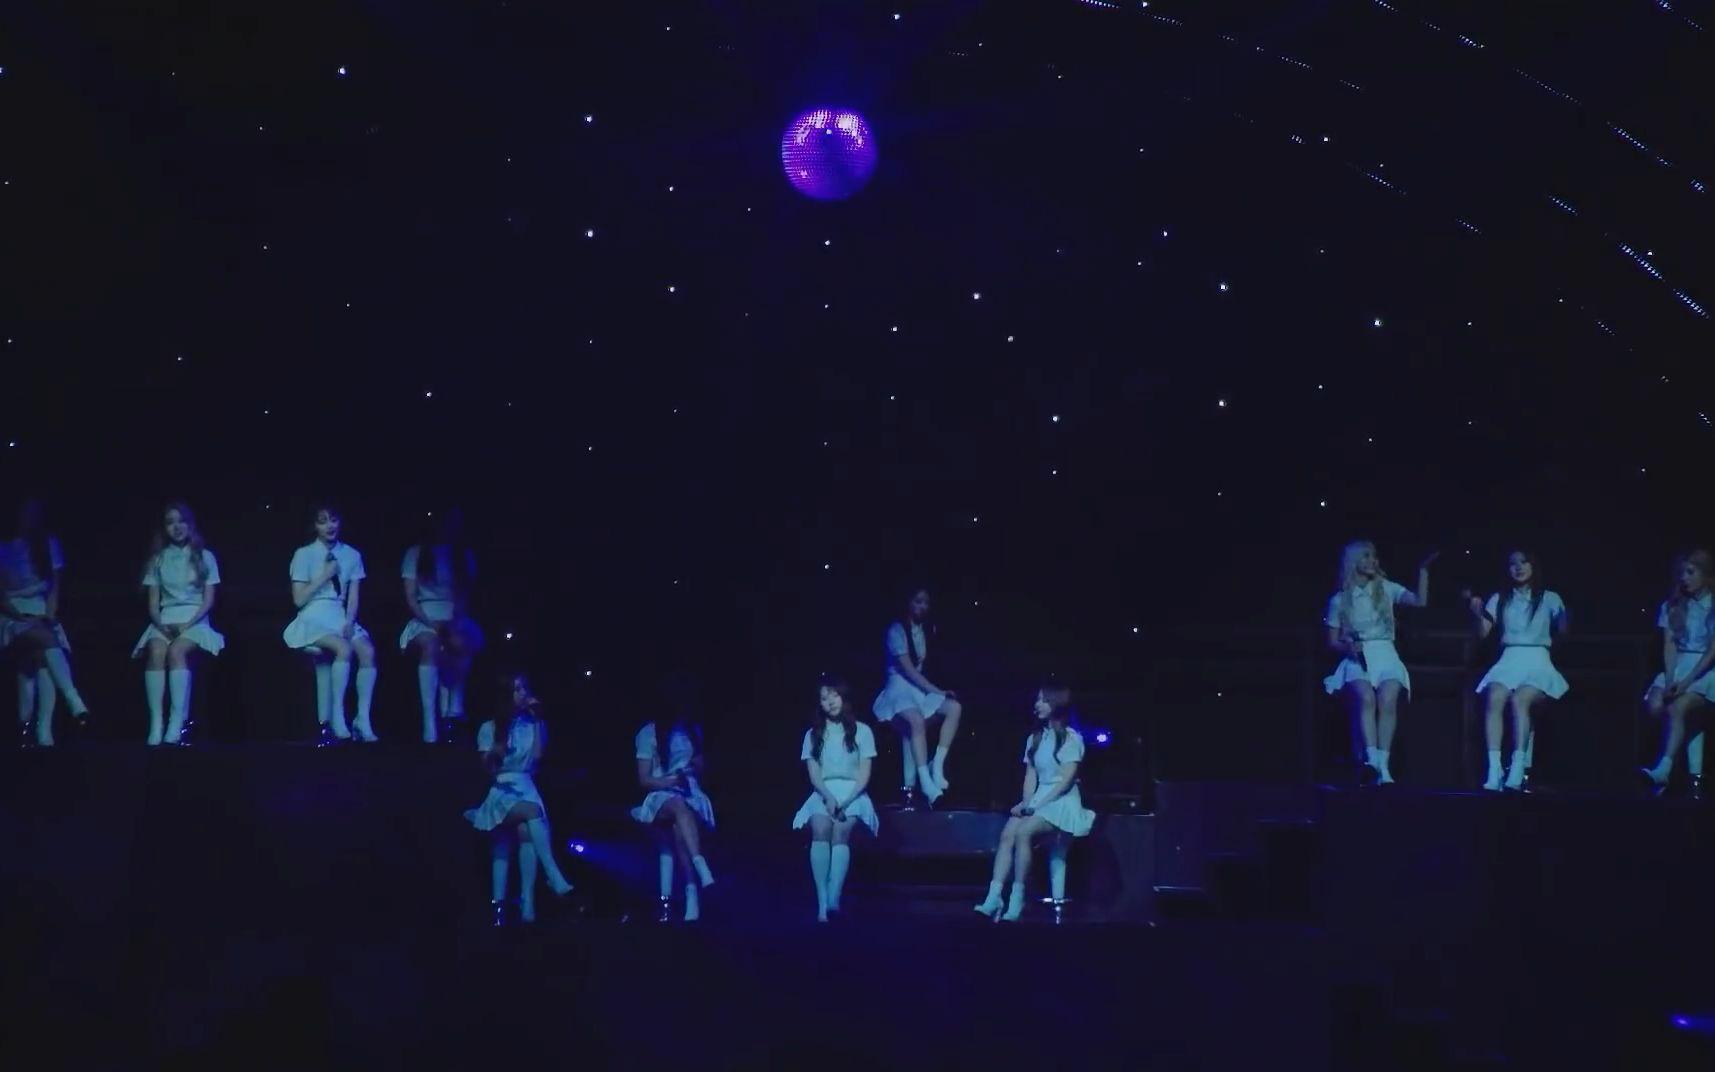 【本月韩流】本月少女探究 出道演唱会 LOONABirth篇 427~446 中字